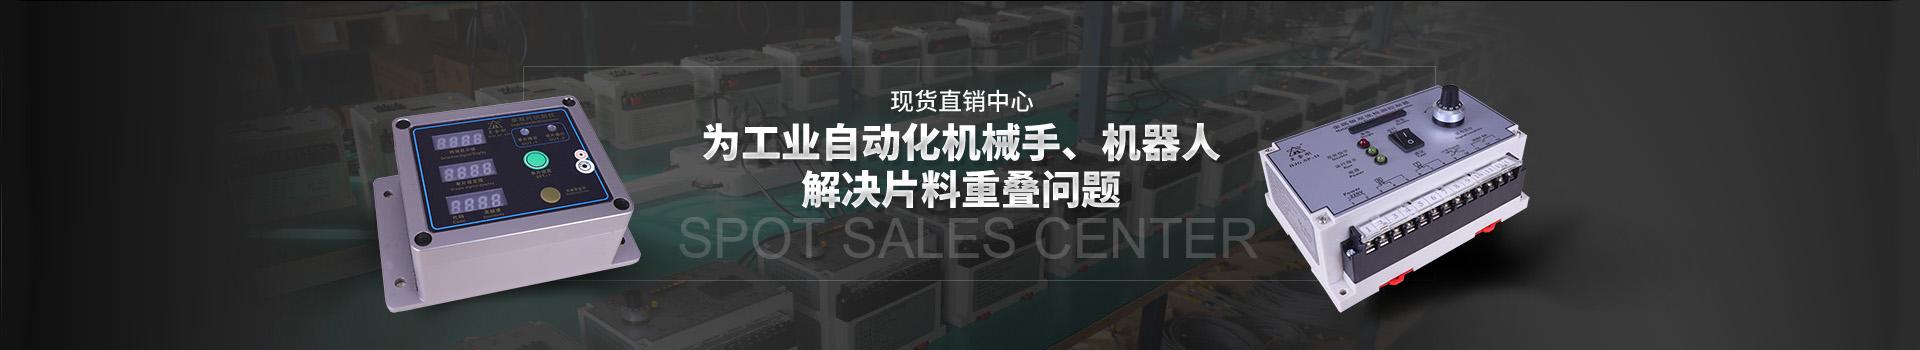 黑金刚-现货批发中心 为工业自动化机械手、机器人解决片料重叠问题